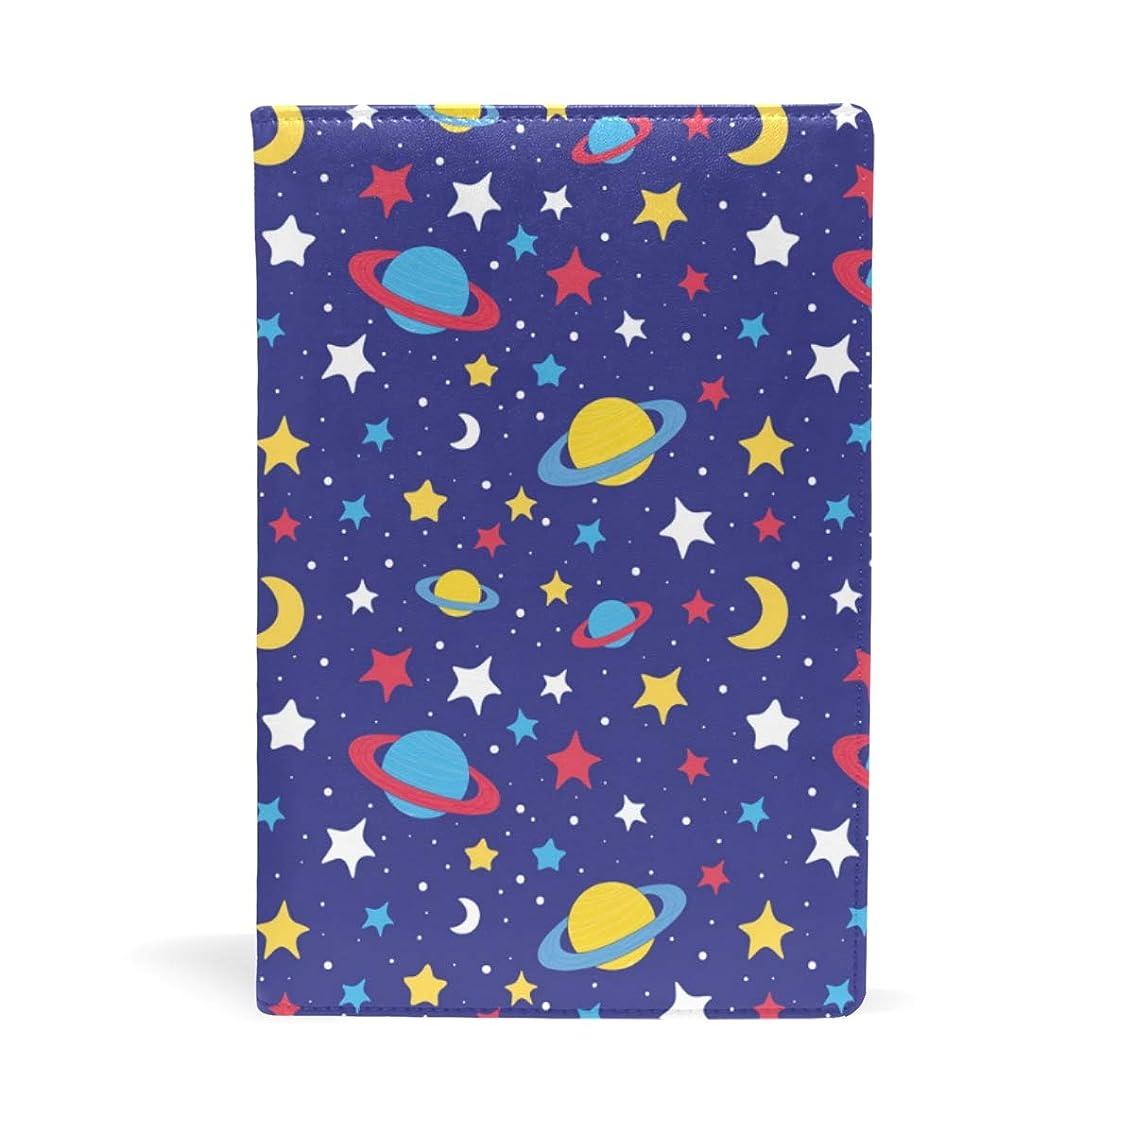 シャーロックホームズ自発的弁護士ブックカバー 文庫 a5 皮革 レザー 星と惑星とダークブルー 文庫本カバー ファイル 資料 収納入れ オフィス用品 読書 雑貨 プレゼント